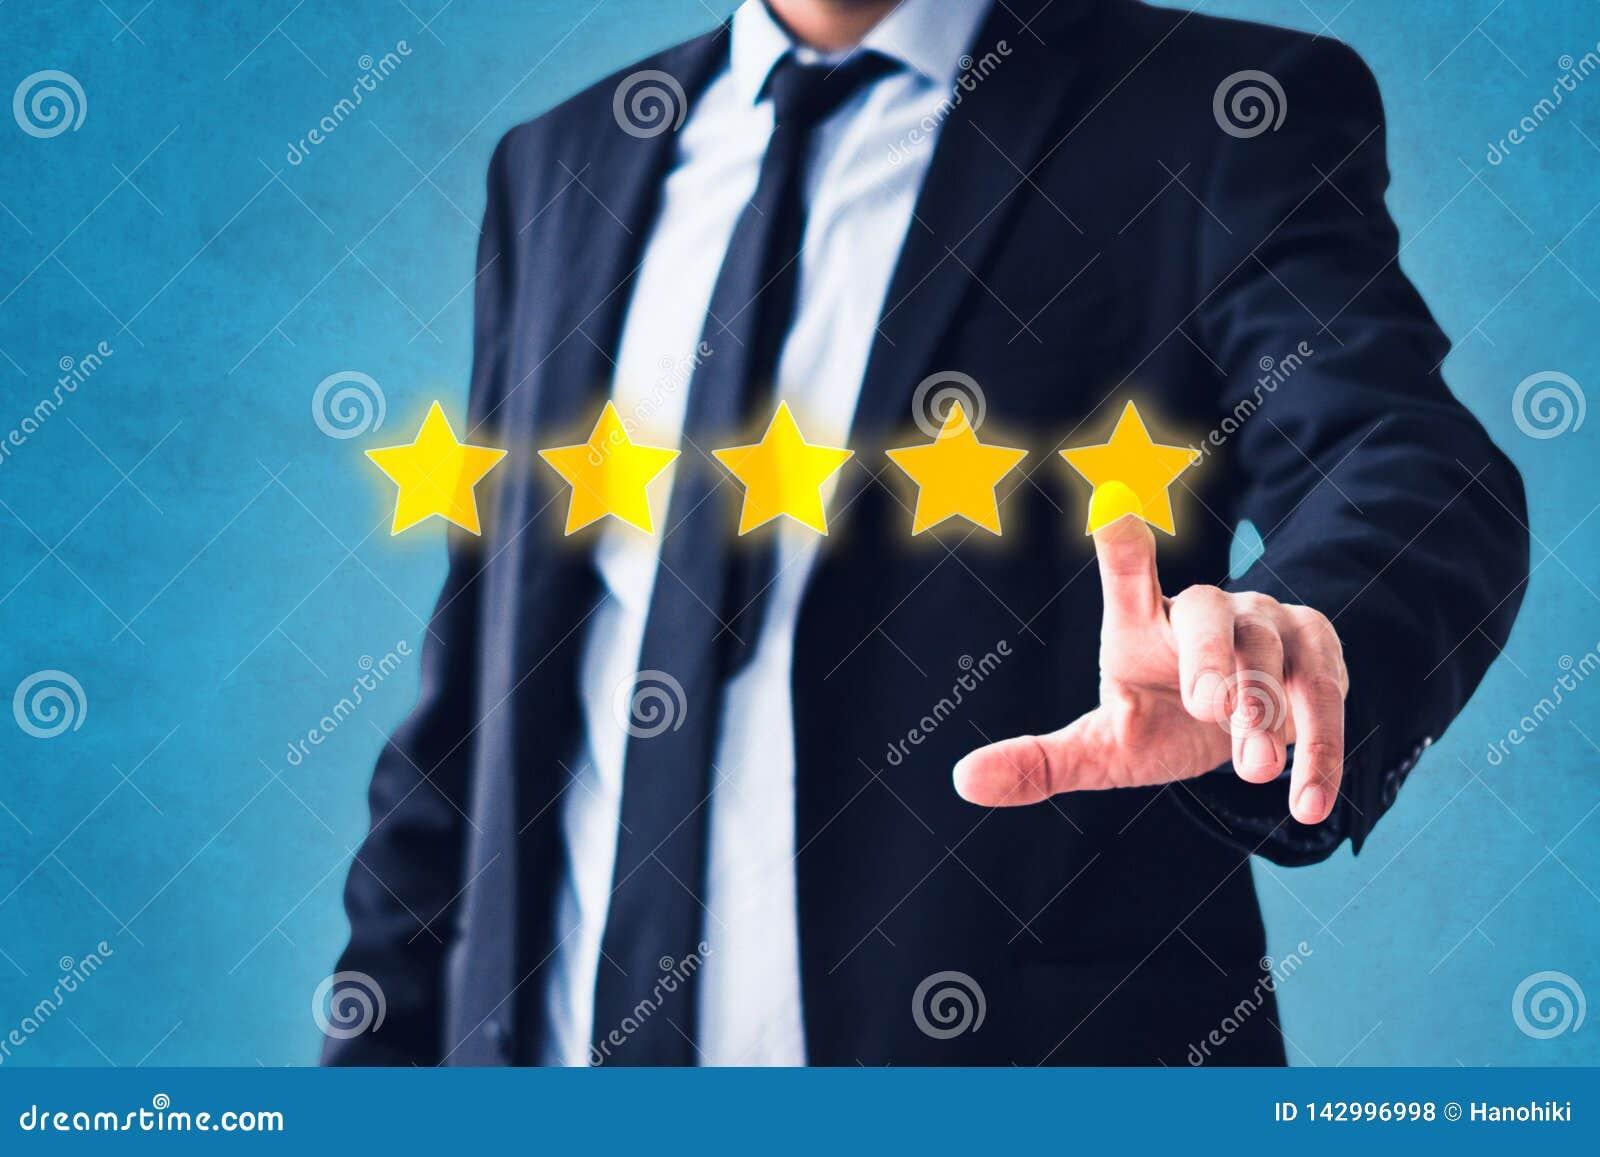 Persona che indica sulla rassegna cinque stelle, concetto di risposte del costume - una valutazione di cinque stelle